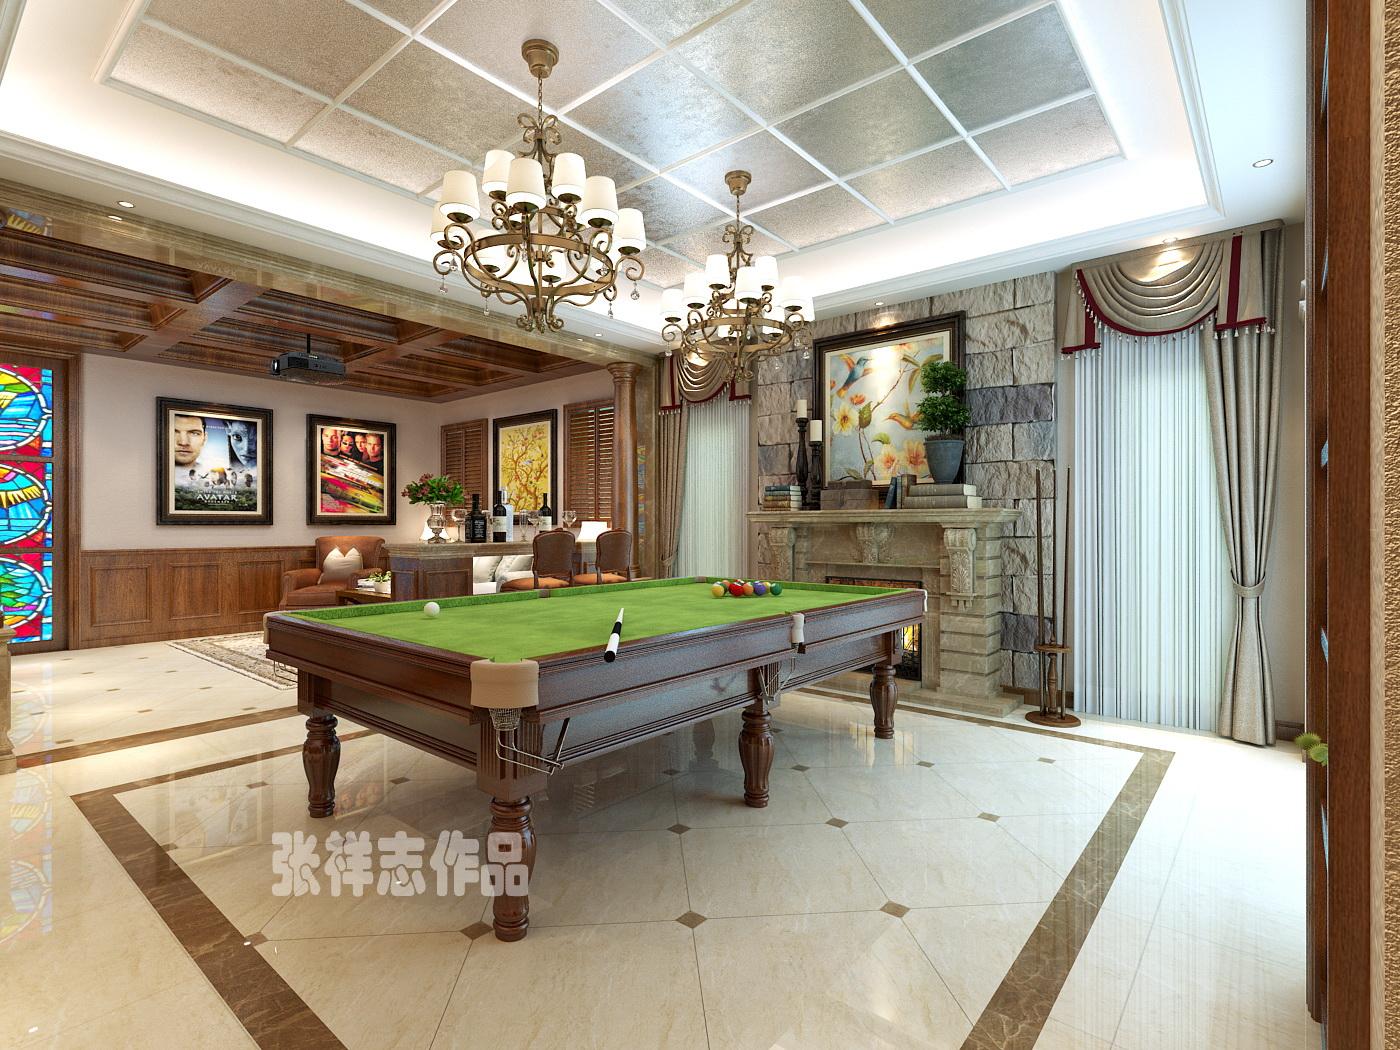 平【龙湖】大宅别墅美式装修风格装修设计,装修样板房|青岛实创装饰